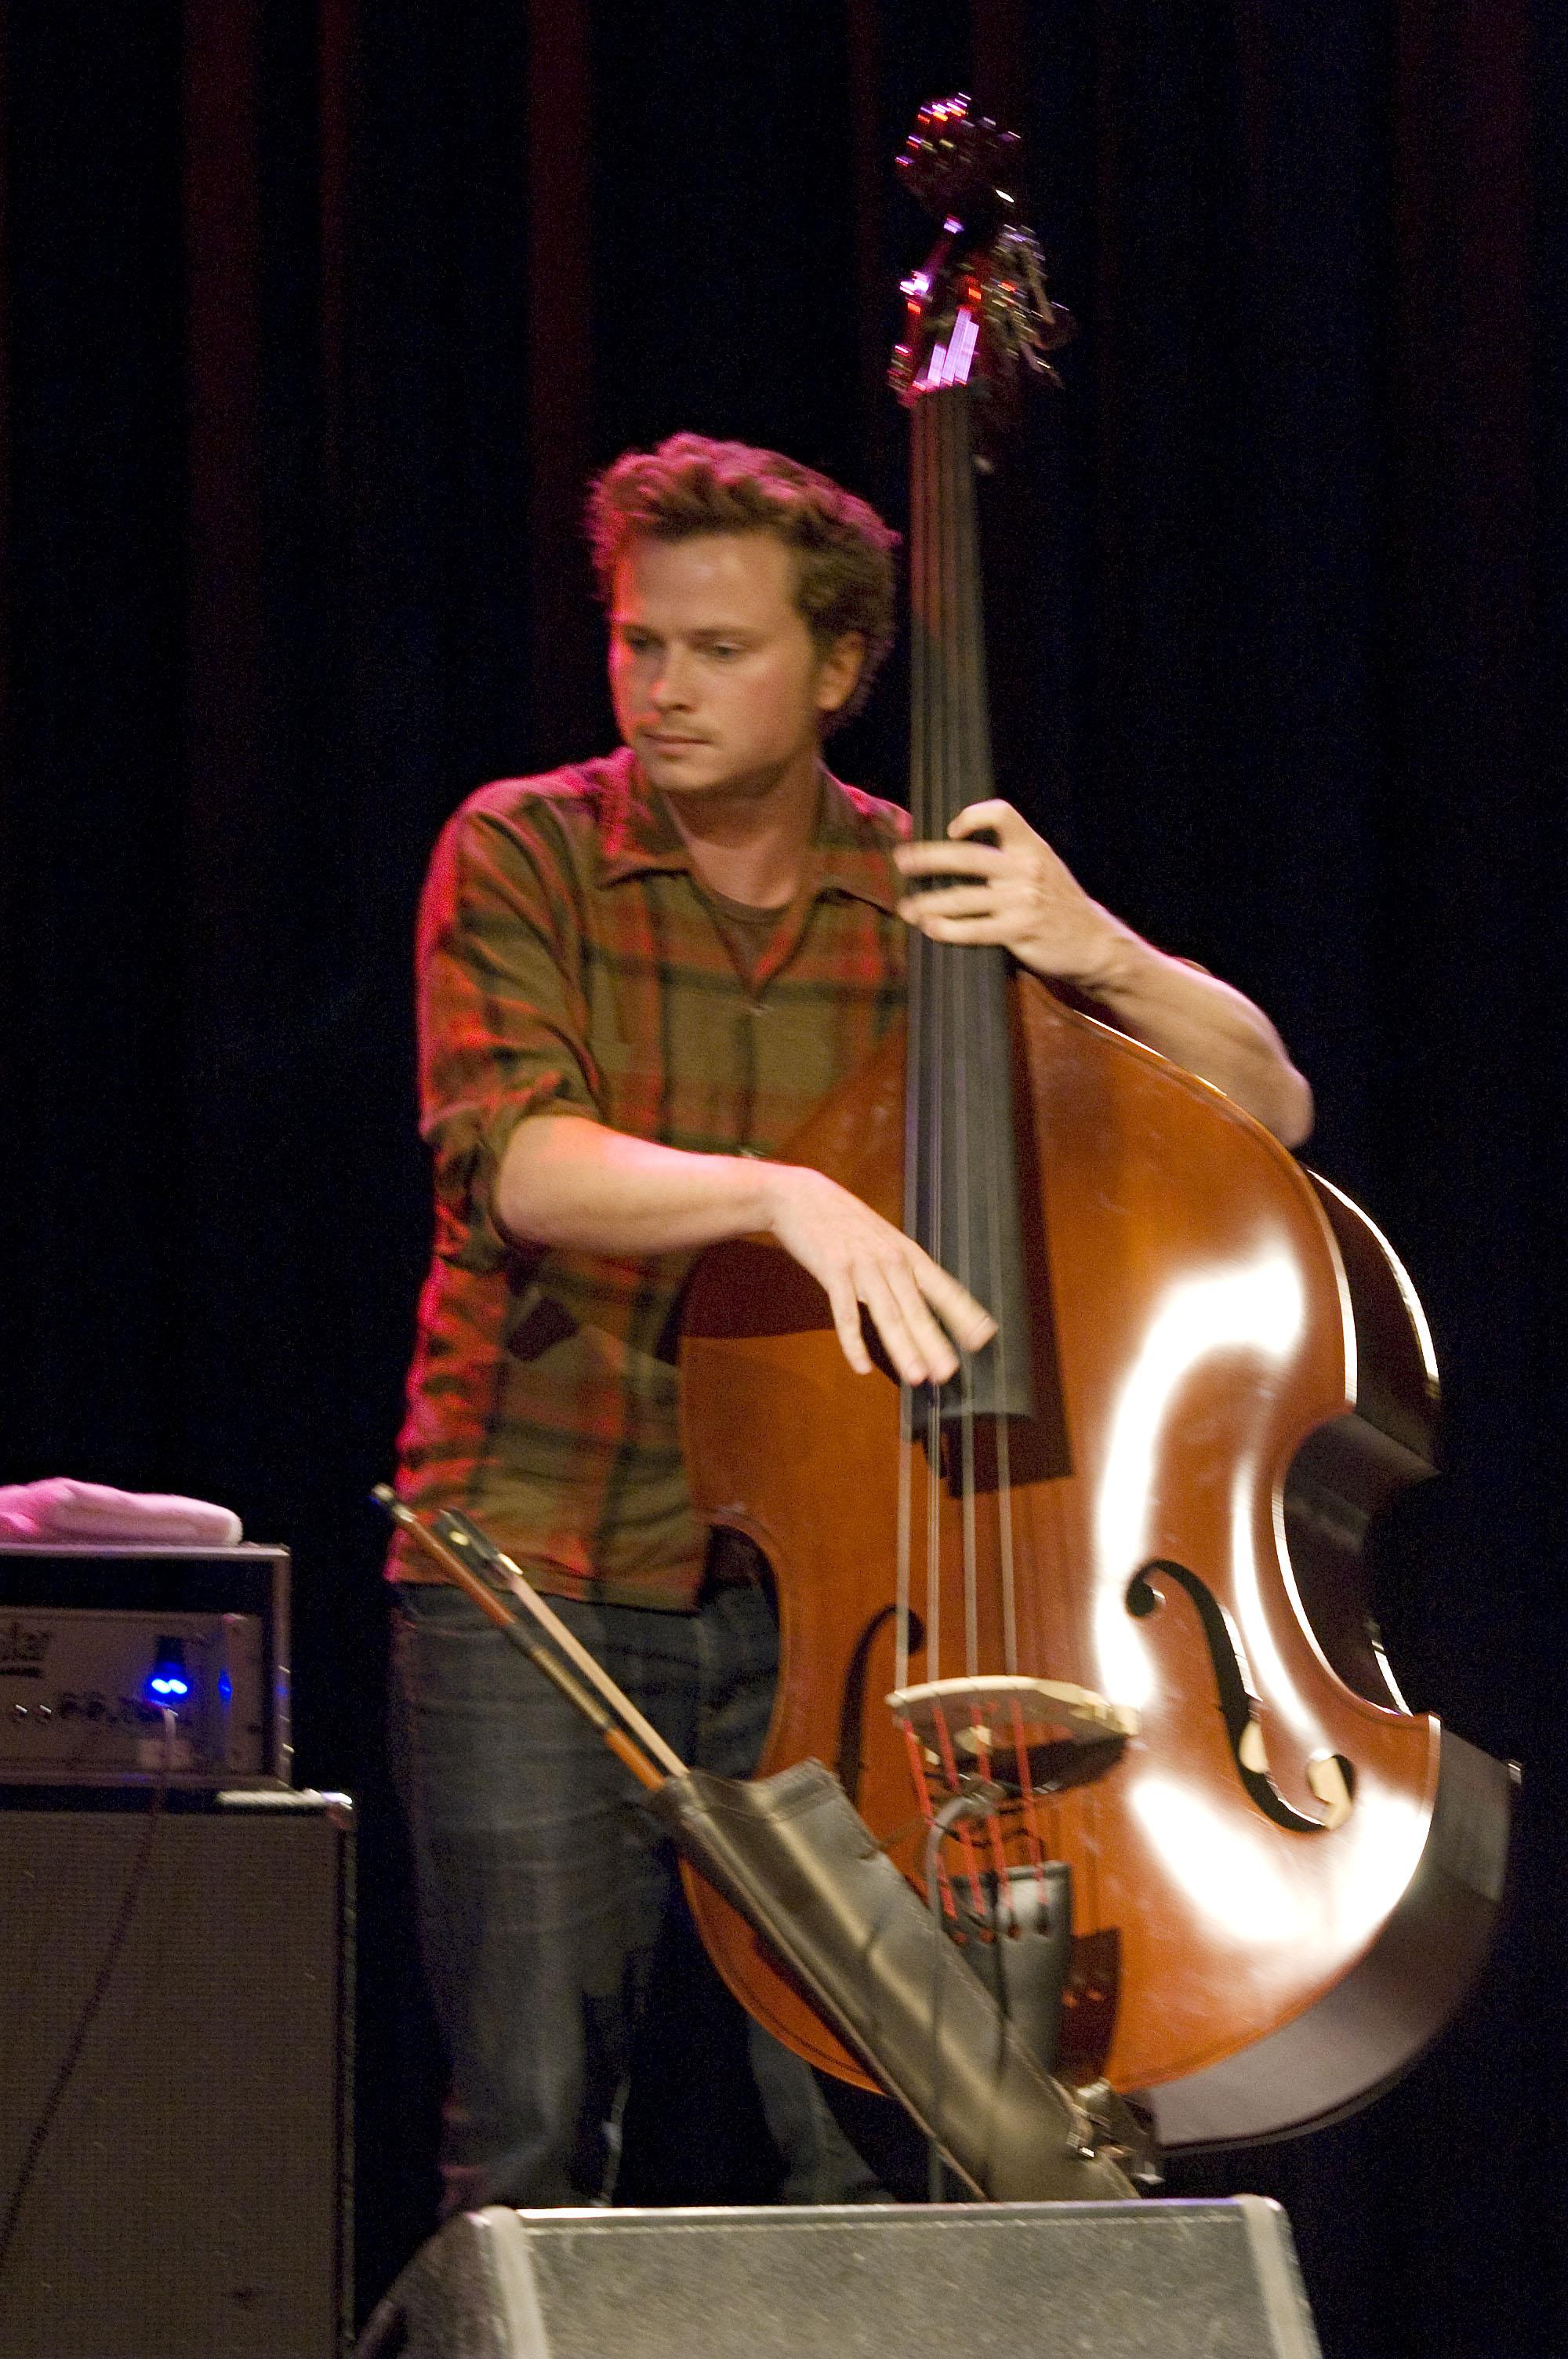 Milo Fitzpatrick of Portico Quartet, L'Astral, Montreal, Canada 10/02/2010